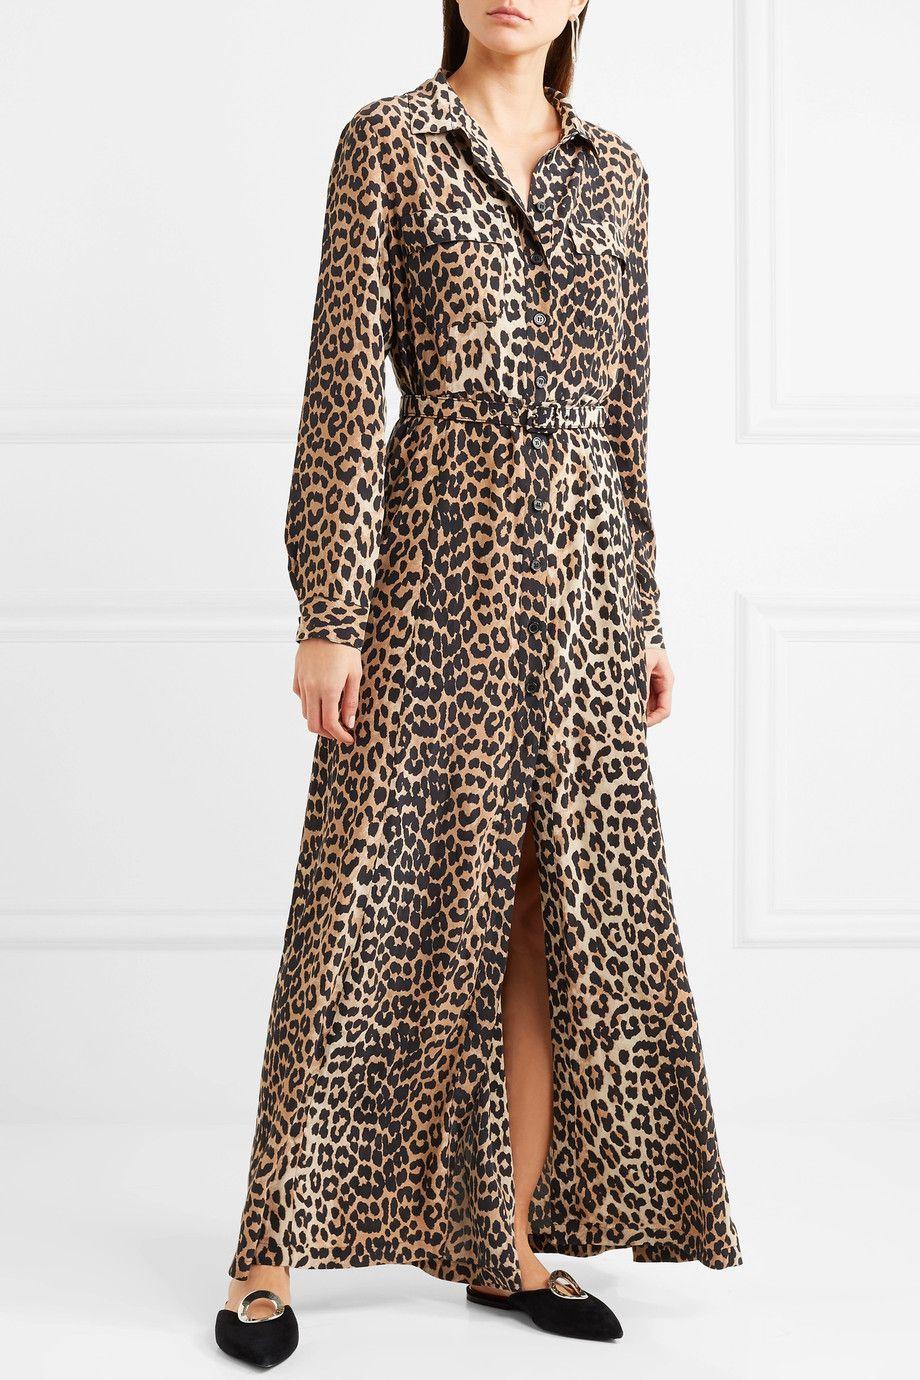 caf00e01 Ganni leopard kjole